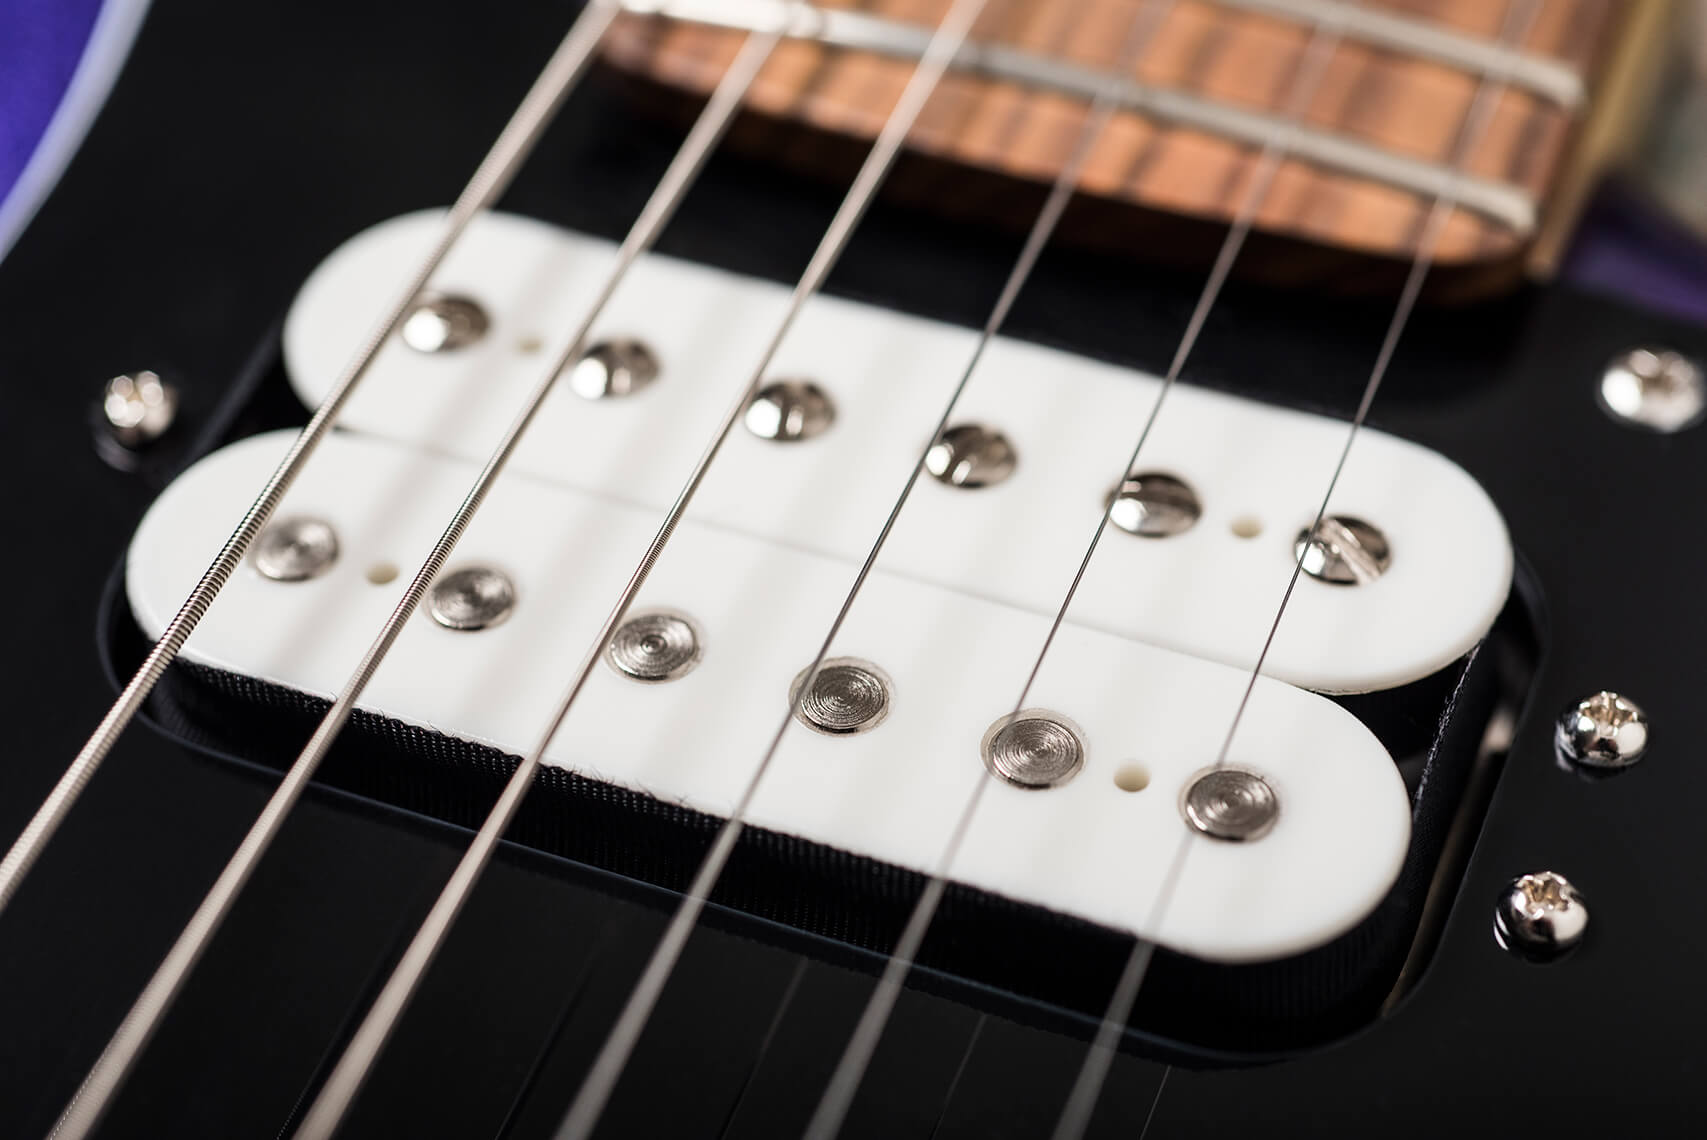 Fender Lead III (Pickups)